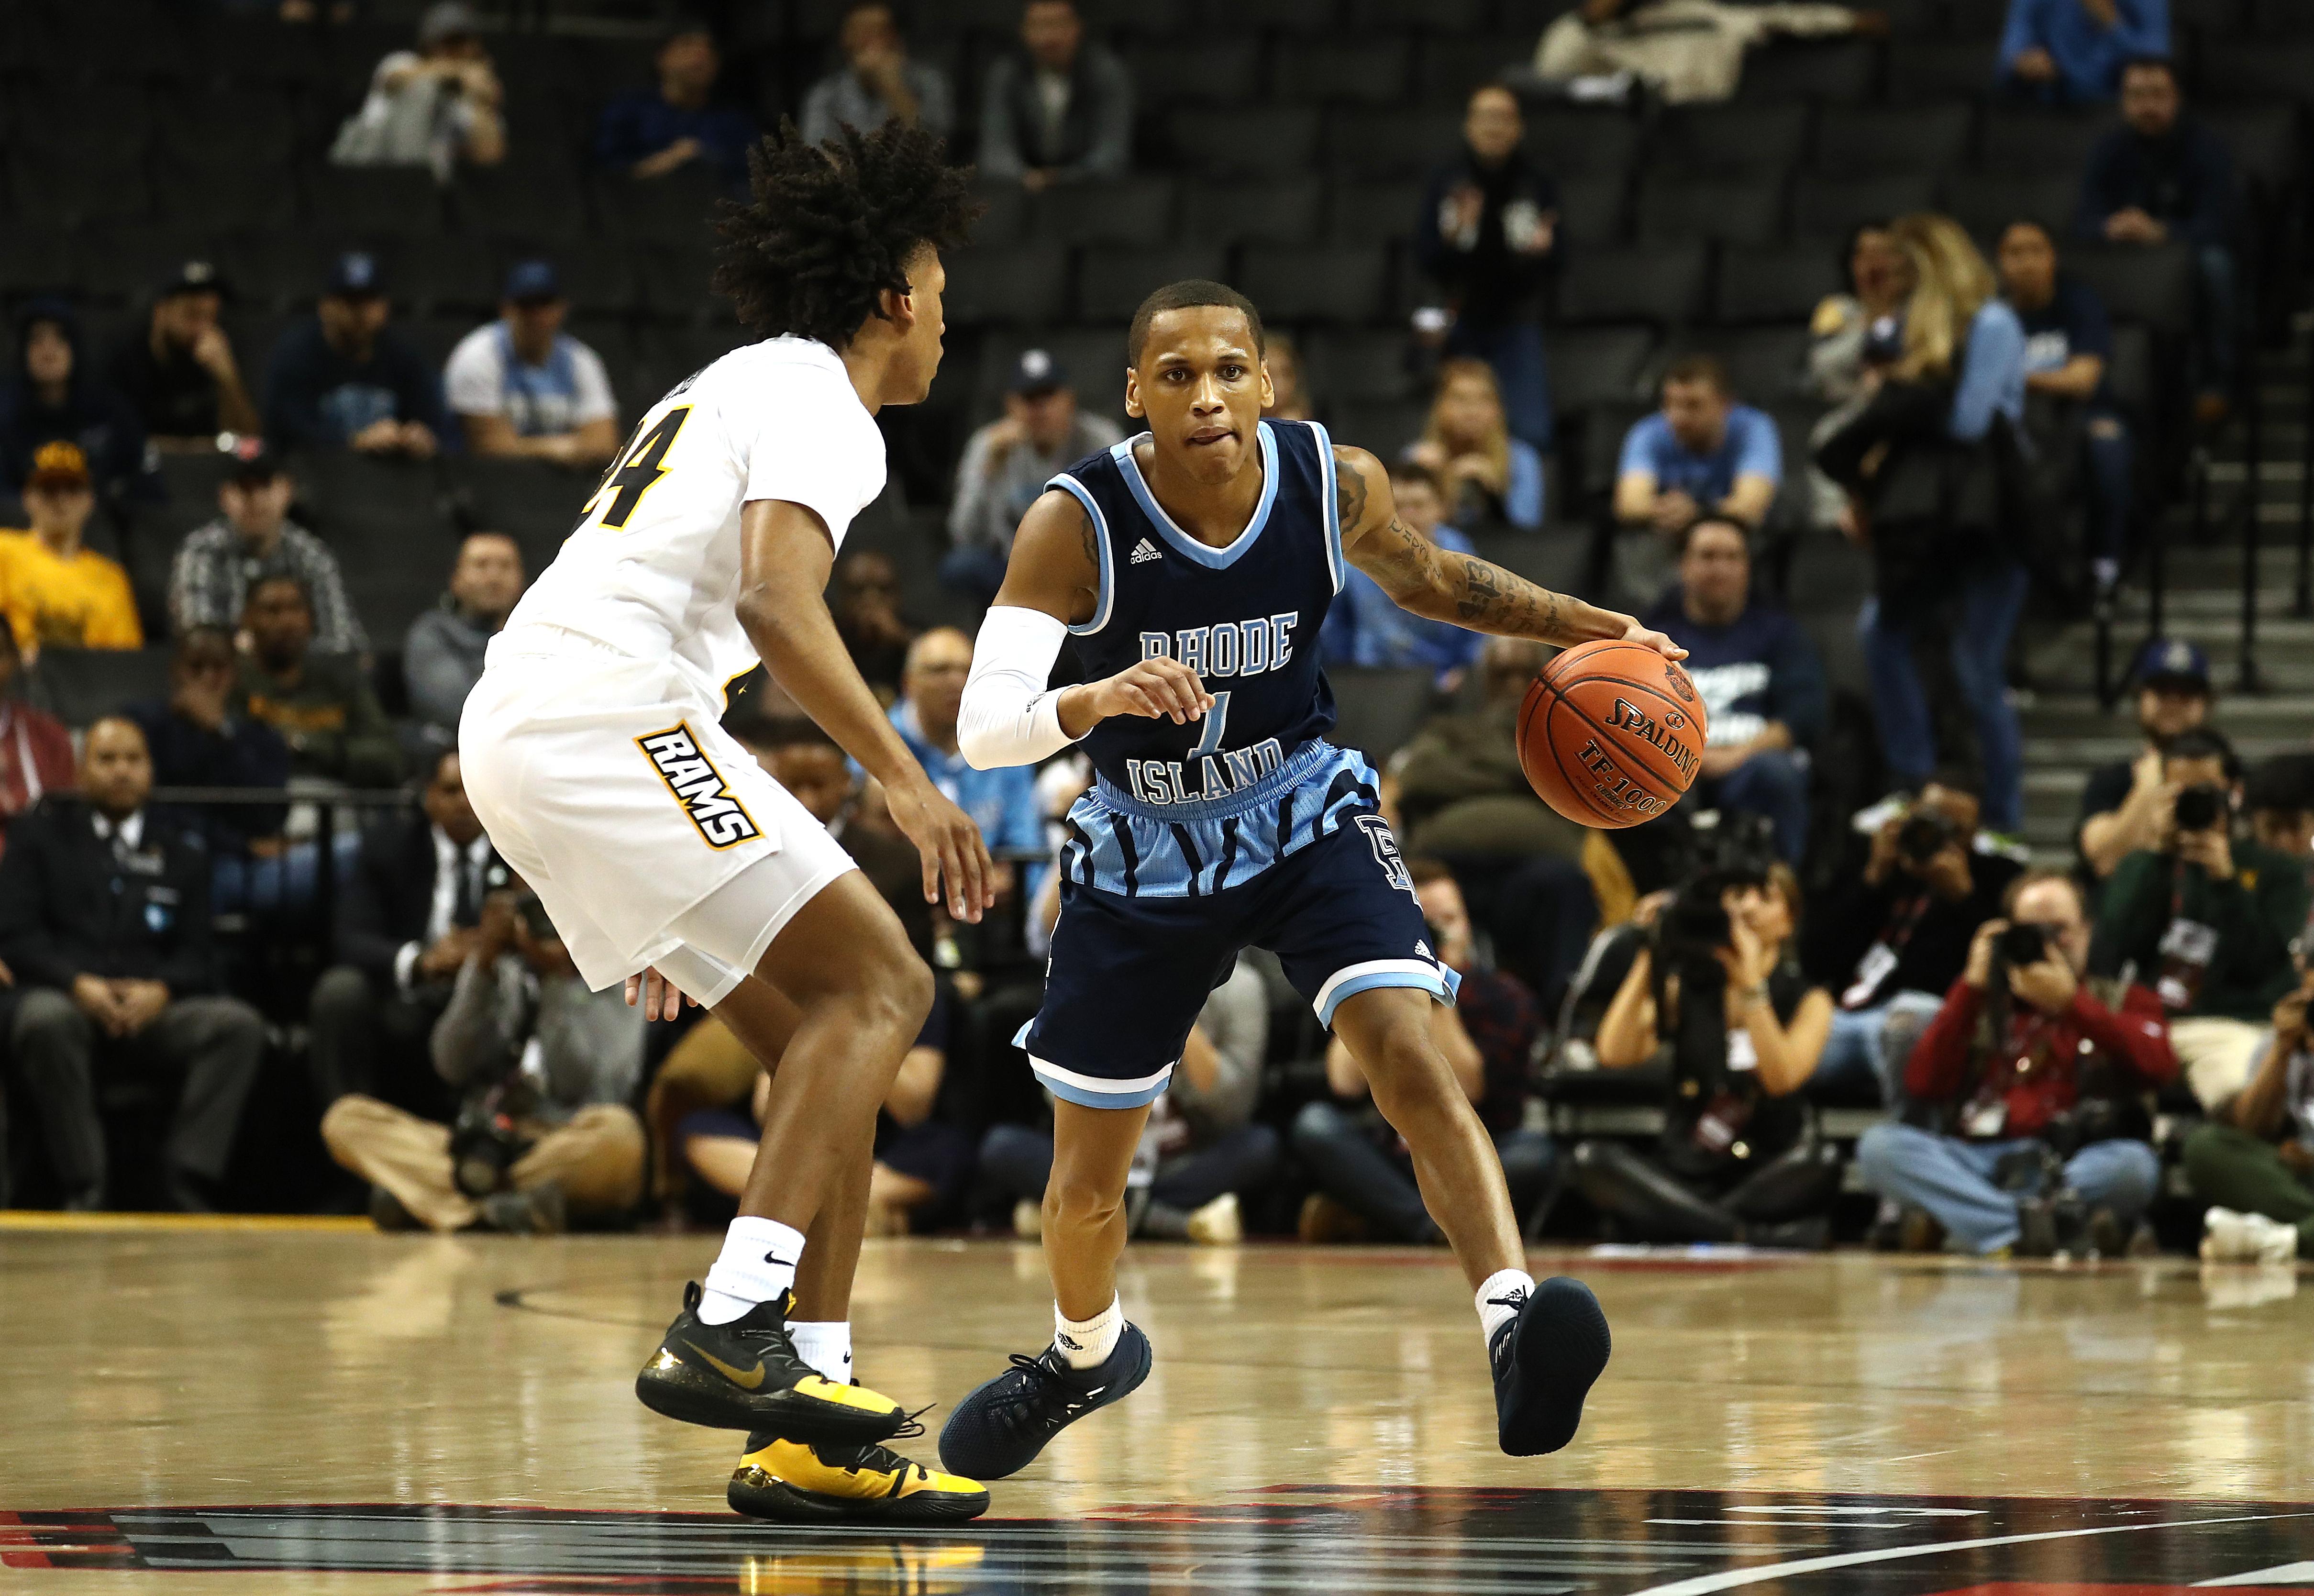 Atlantic 10 Basketball Tournament - Quarterfinals